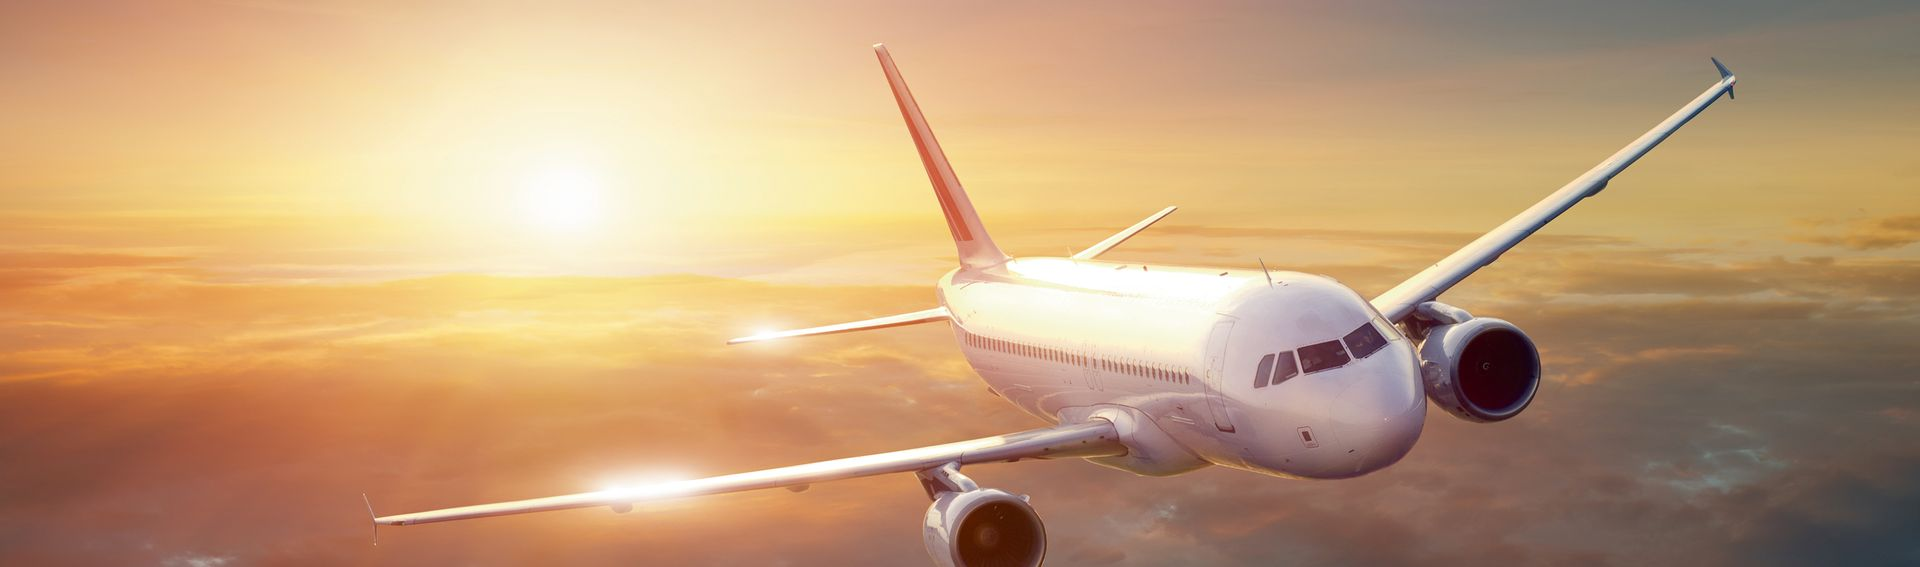 Vols pas chers dans le monde entier avec Hotelplan au départ de Genève, Berne, Bâle + Zurich